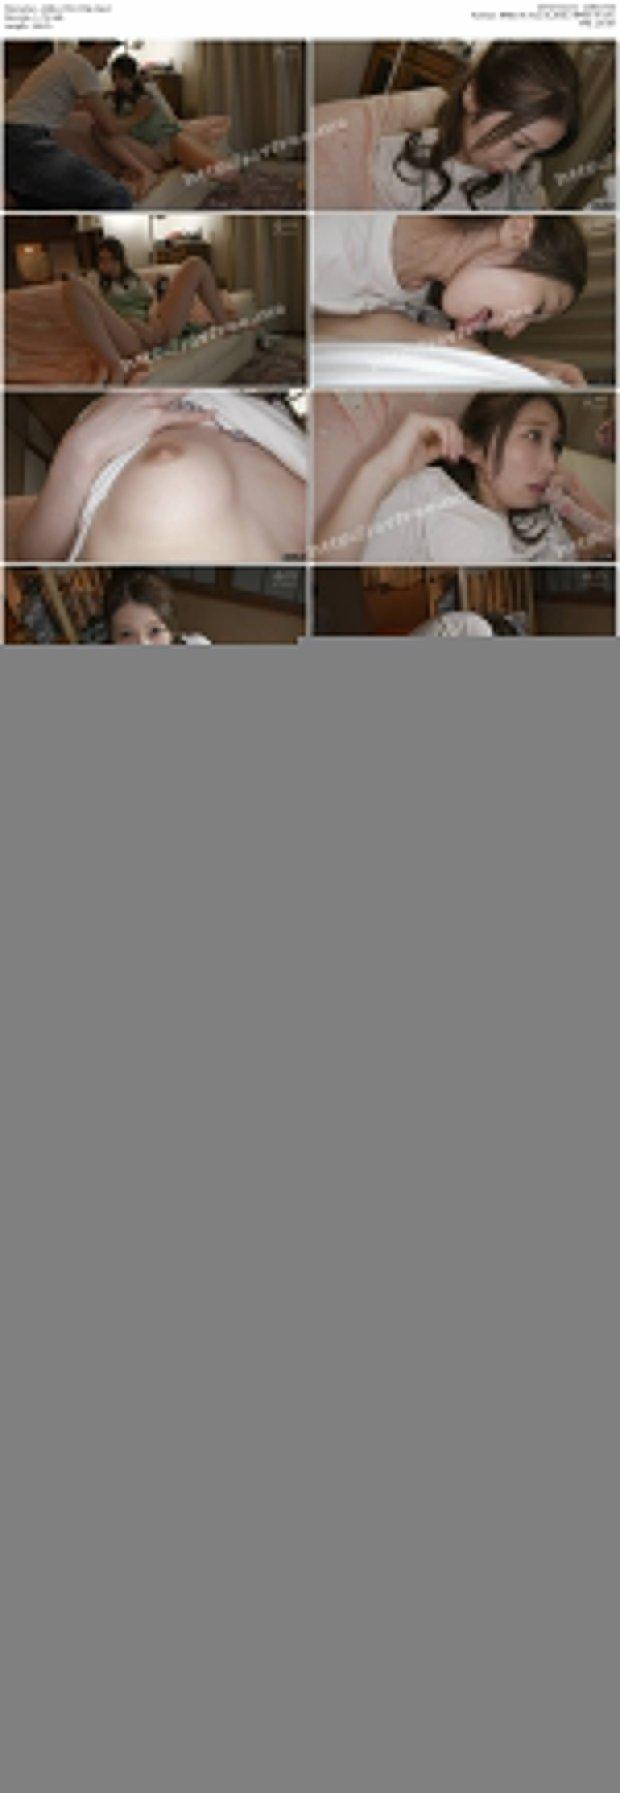 [HD][AKDL-070] 【シンママ動画】 お子さんが隣室にいる中で必死に声を押し殺しながらも感じている美人妻 由美香35歳 佐伯由美香